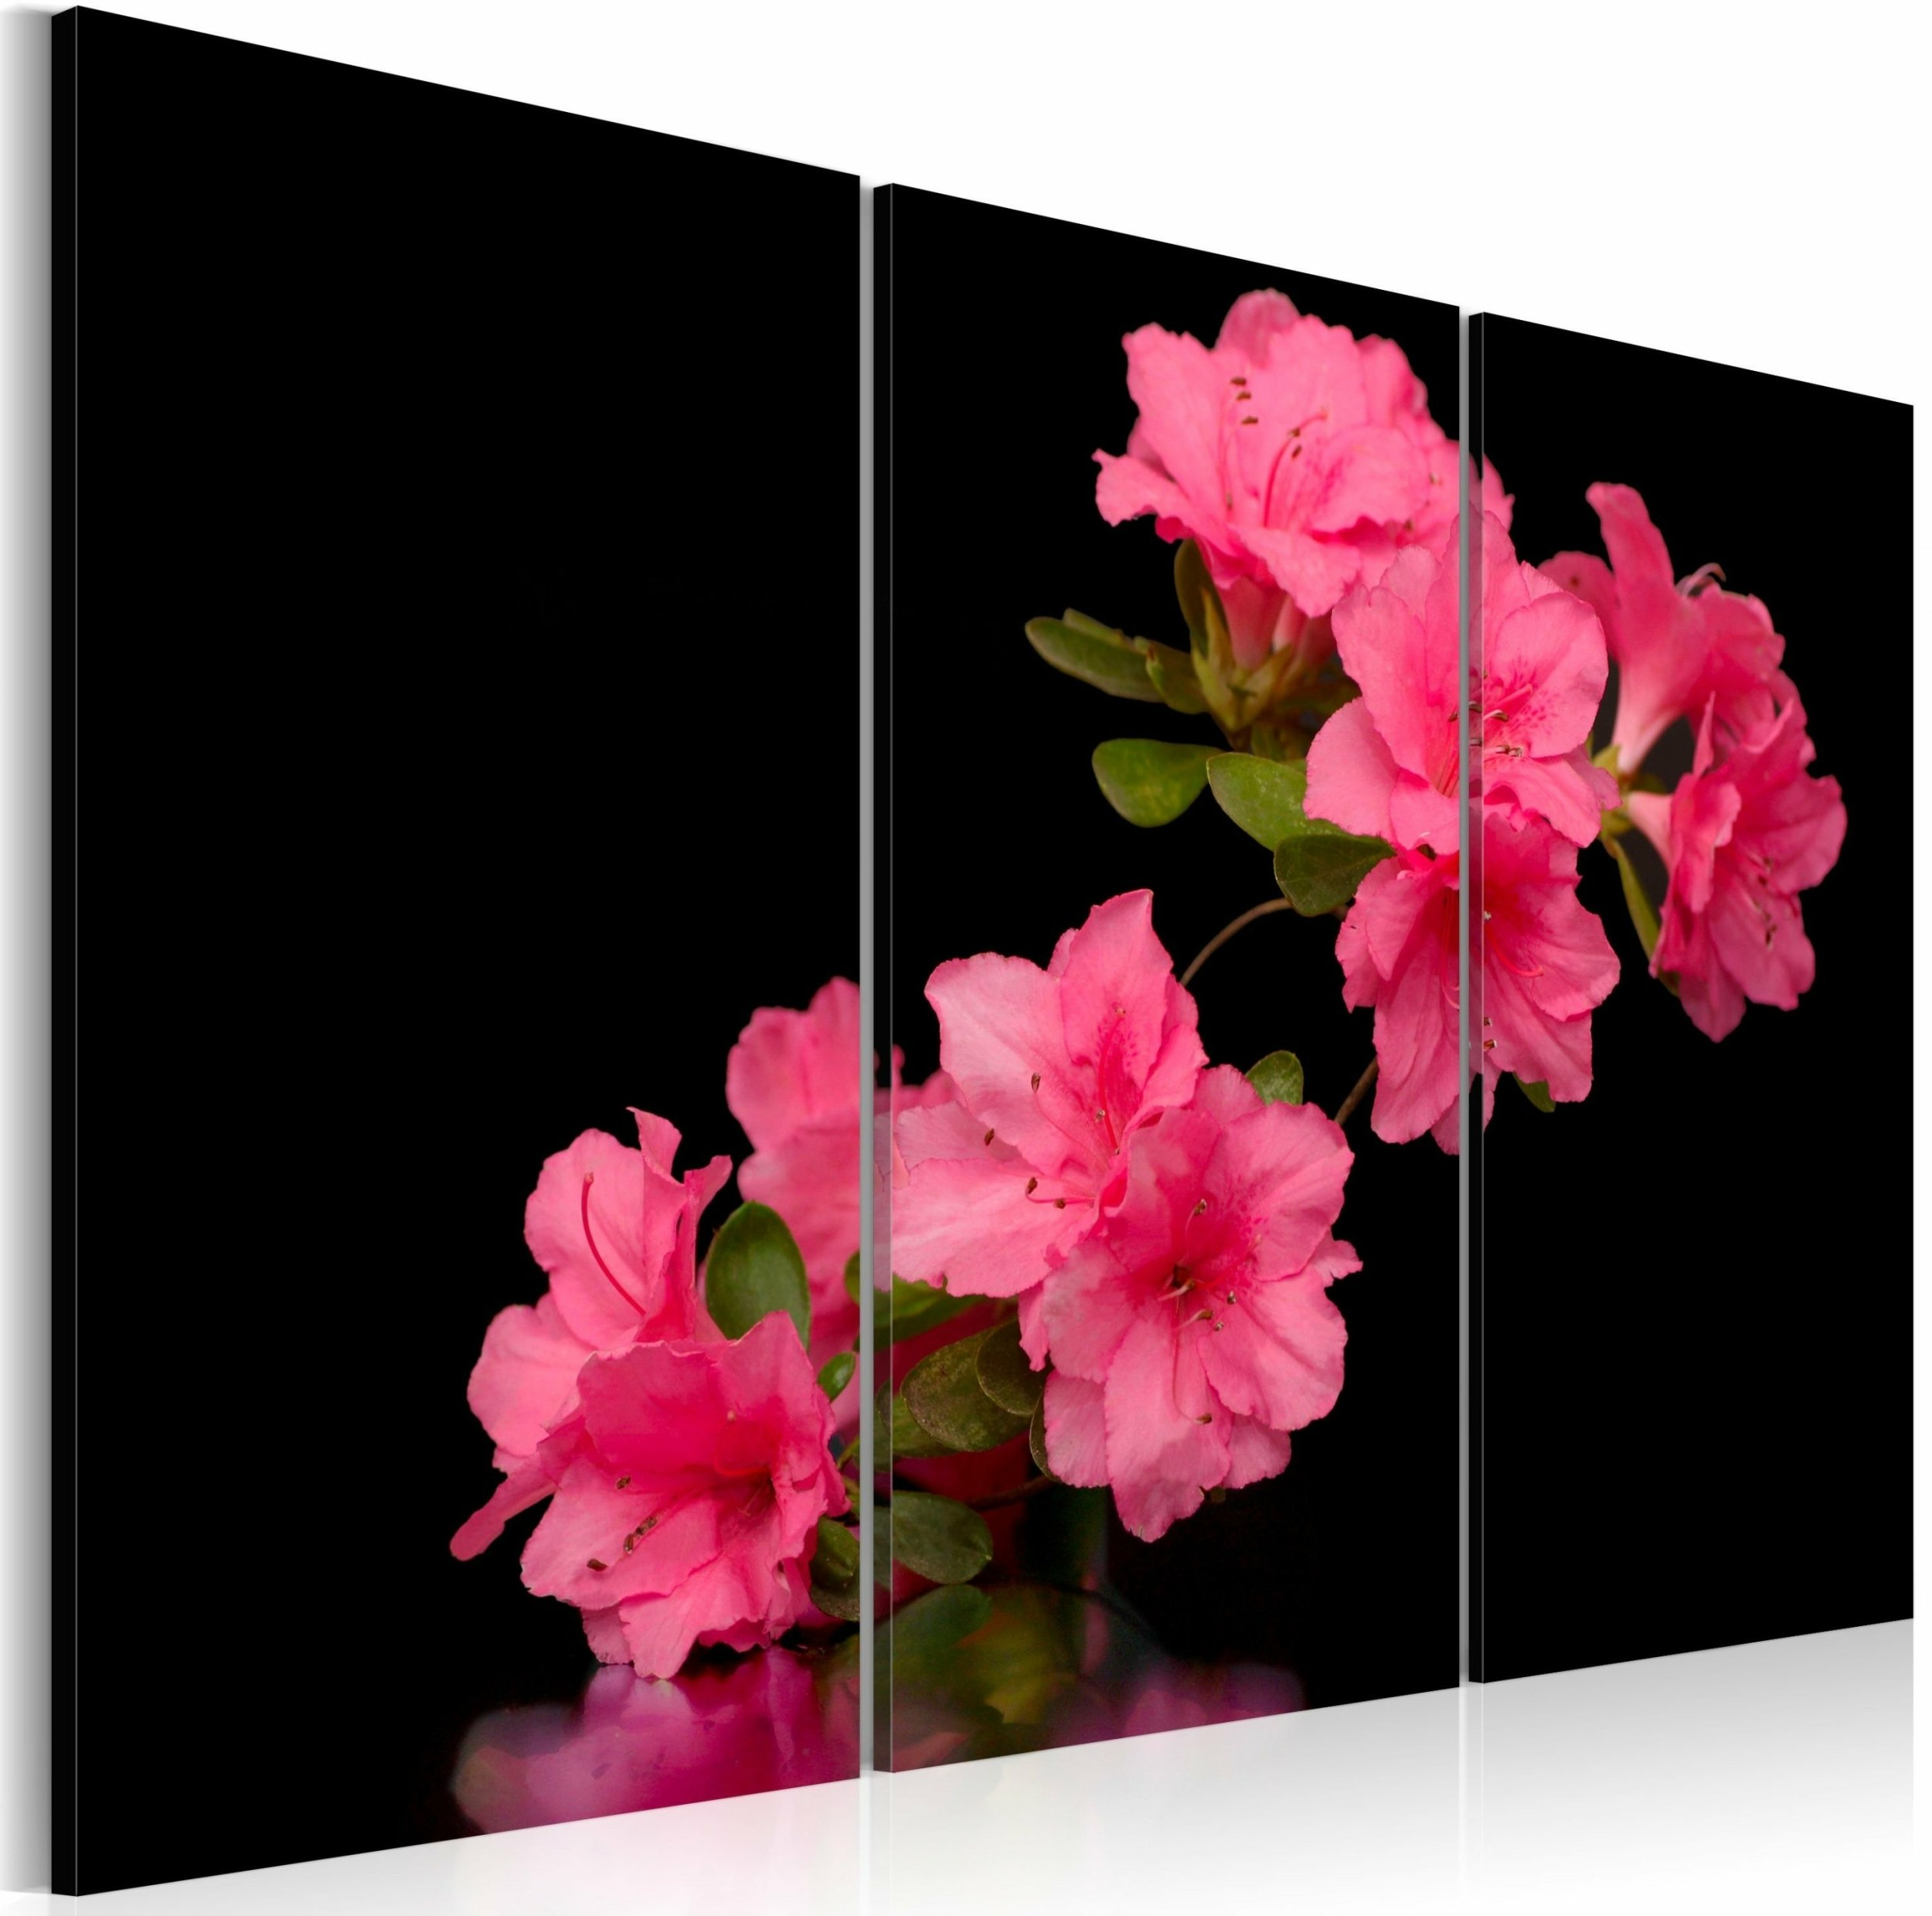 Tableau Triptyque Fleur De Cerisier Rose A 74 90 Chez Recollection